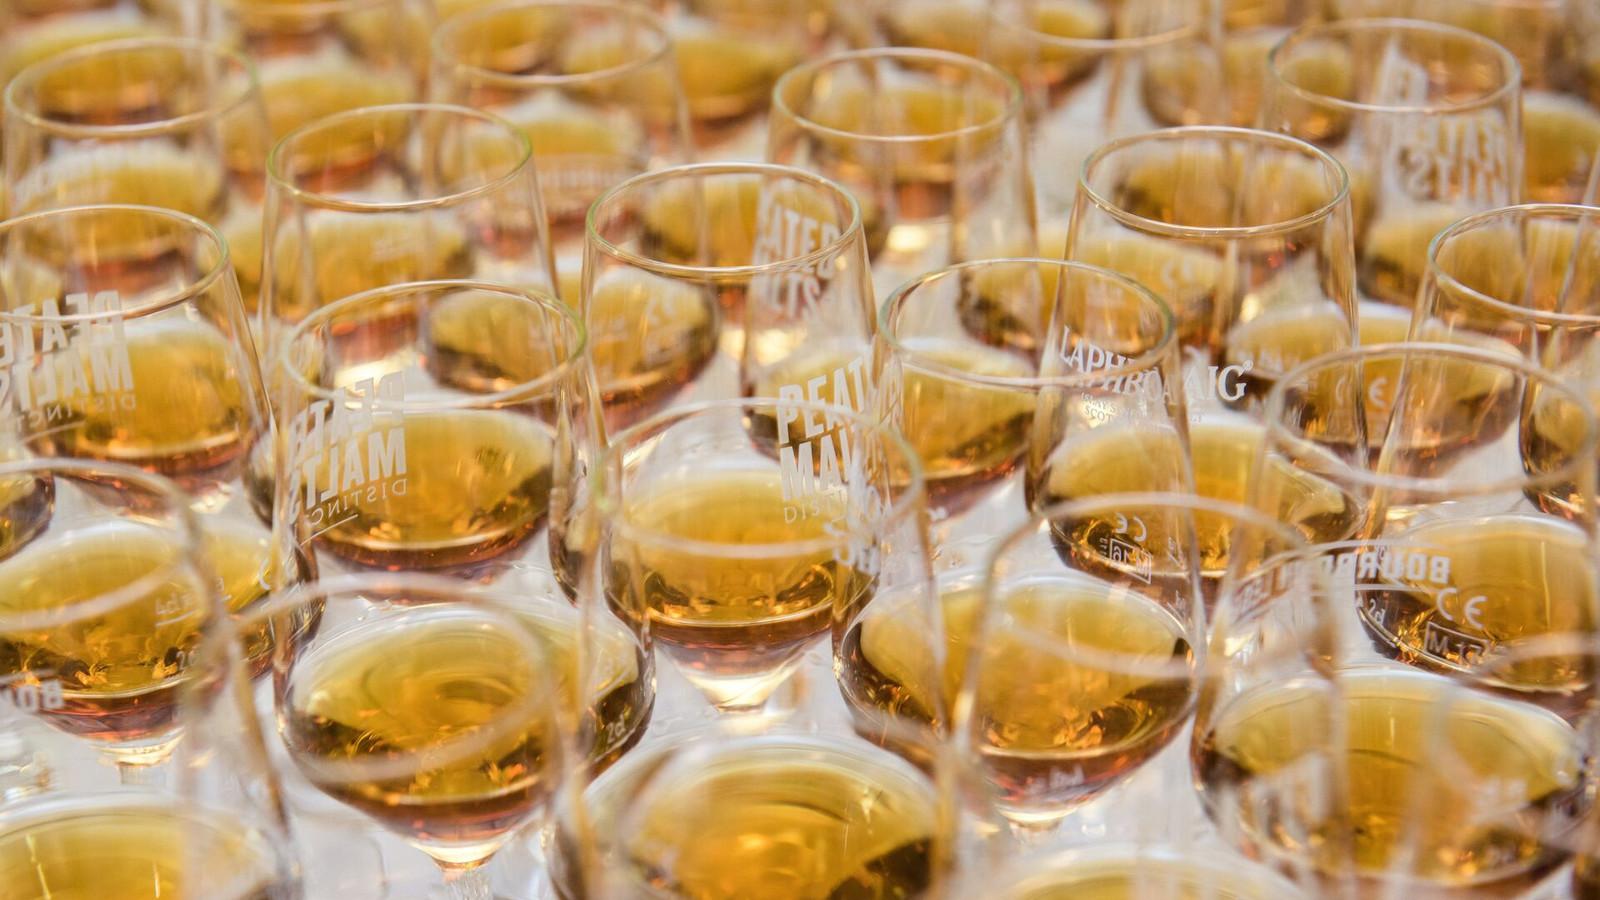 Genussschiff Whisky Tasting 18.10.2019 in Konstanz